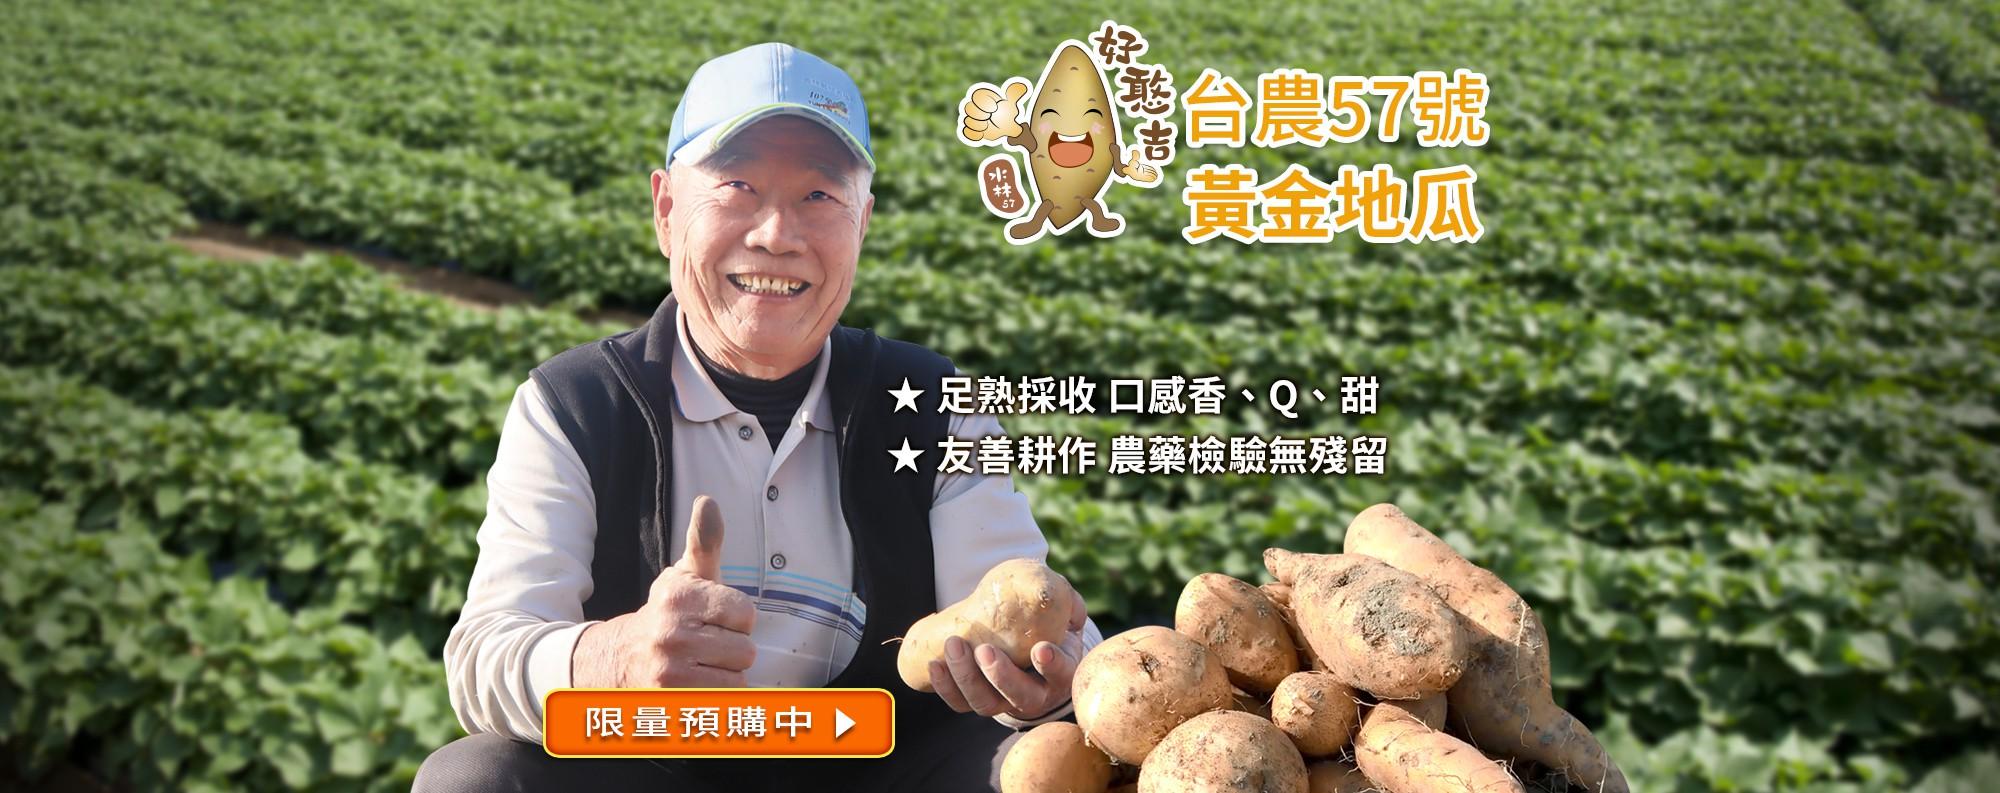 雲林水林『好憨吉』台農57號黃金地瓜